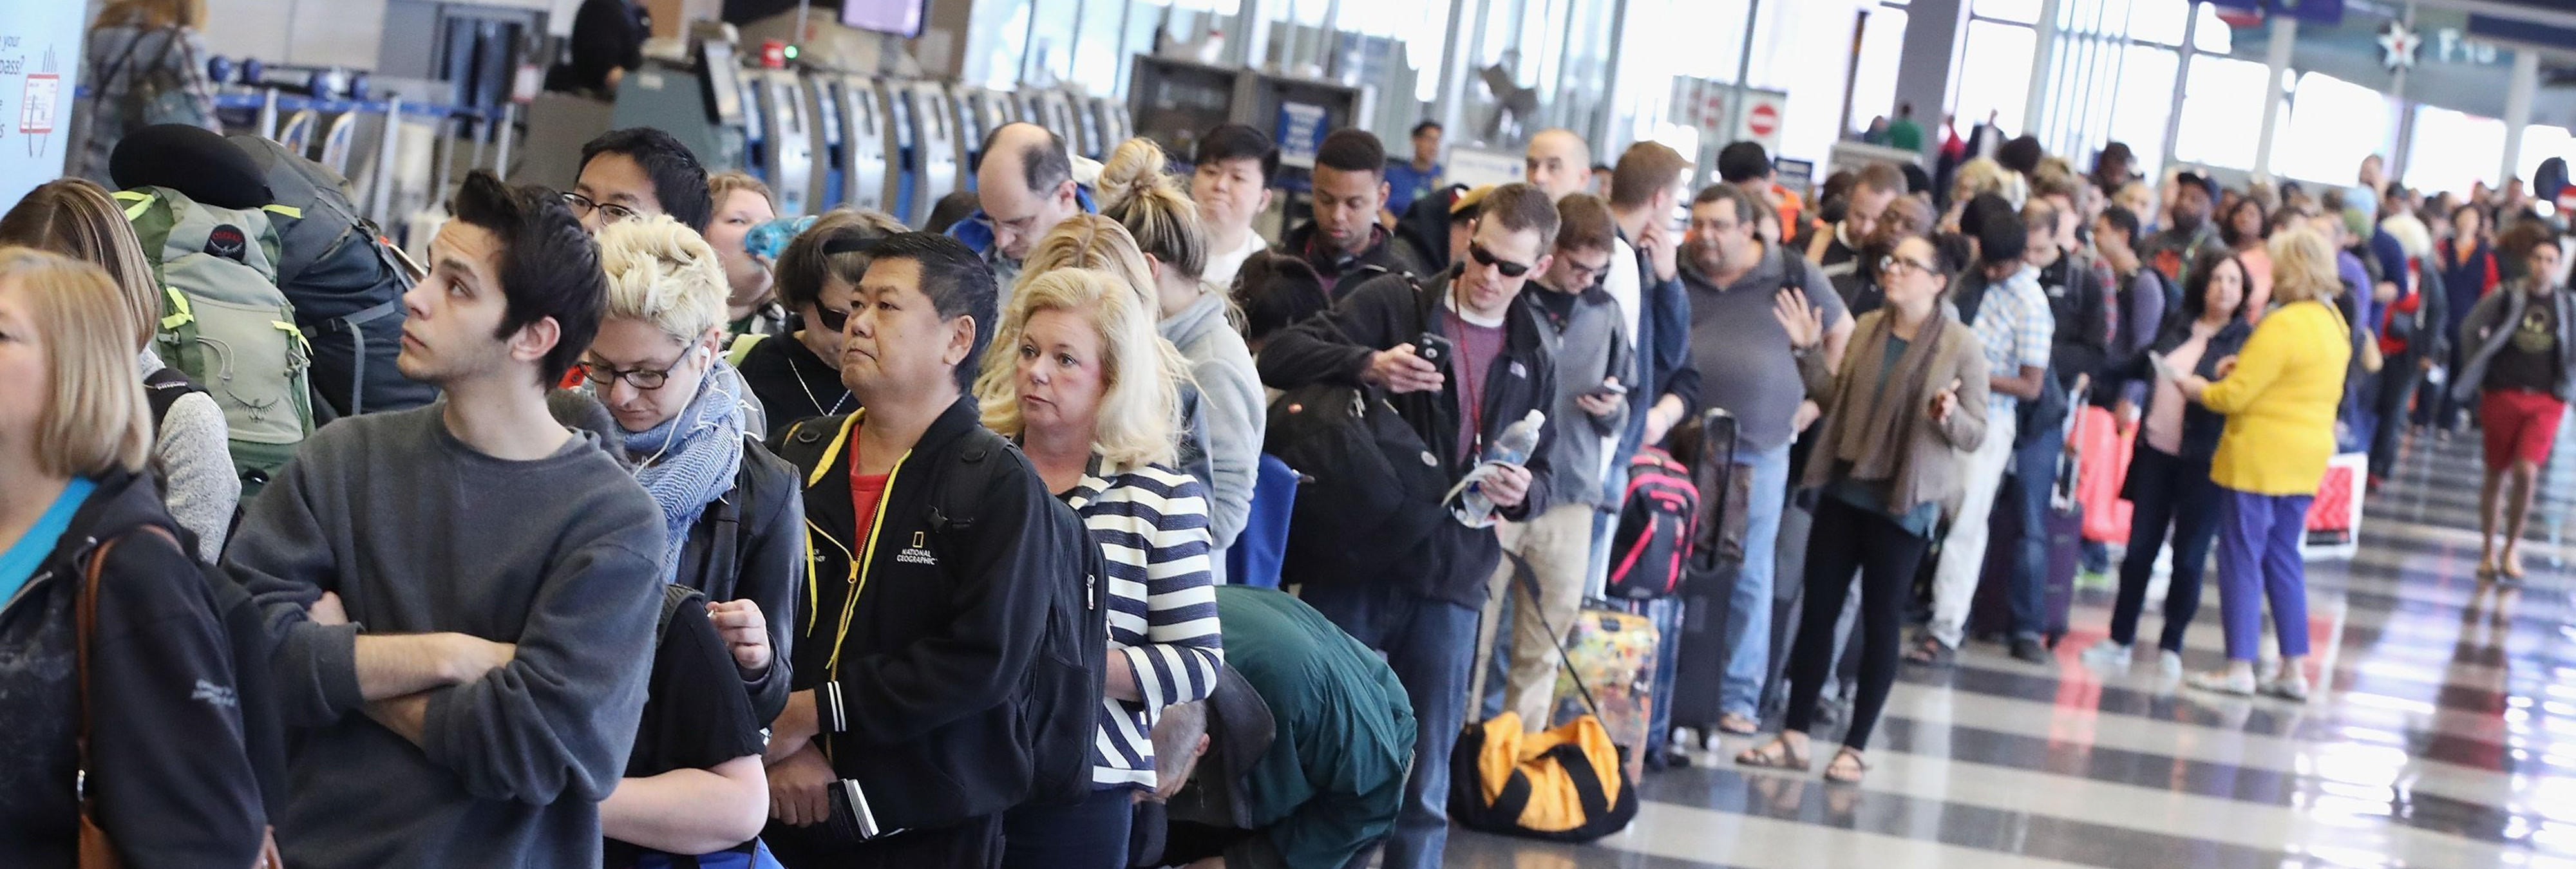 Inflan el precio de los vuelos a los viajeros que escapan del huracán Irma